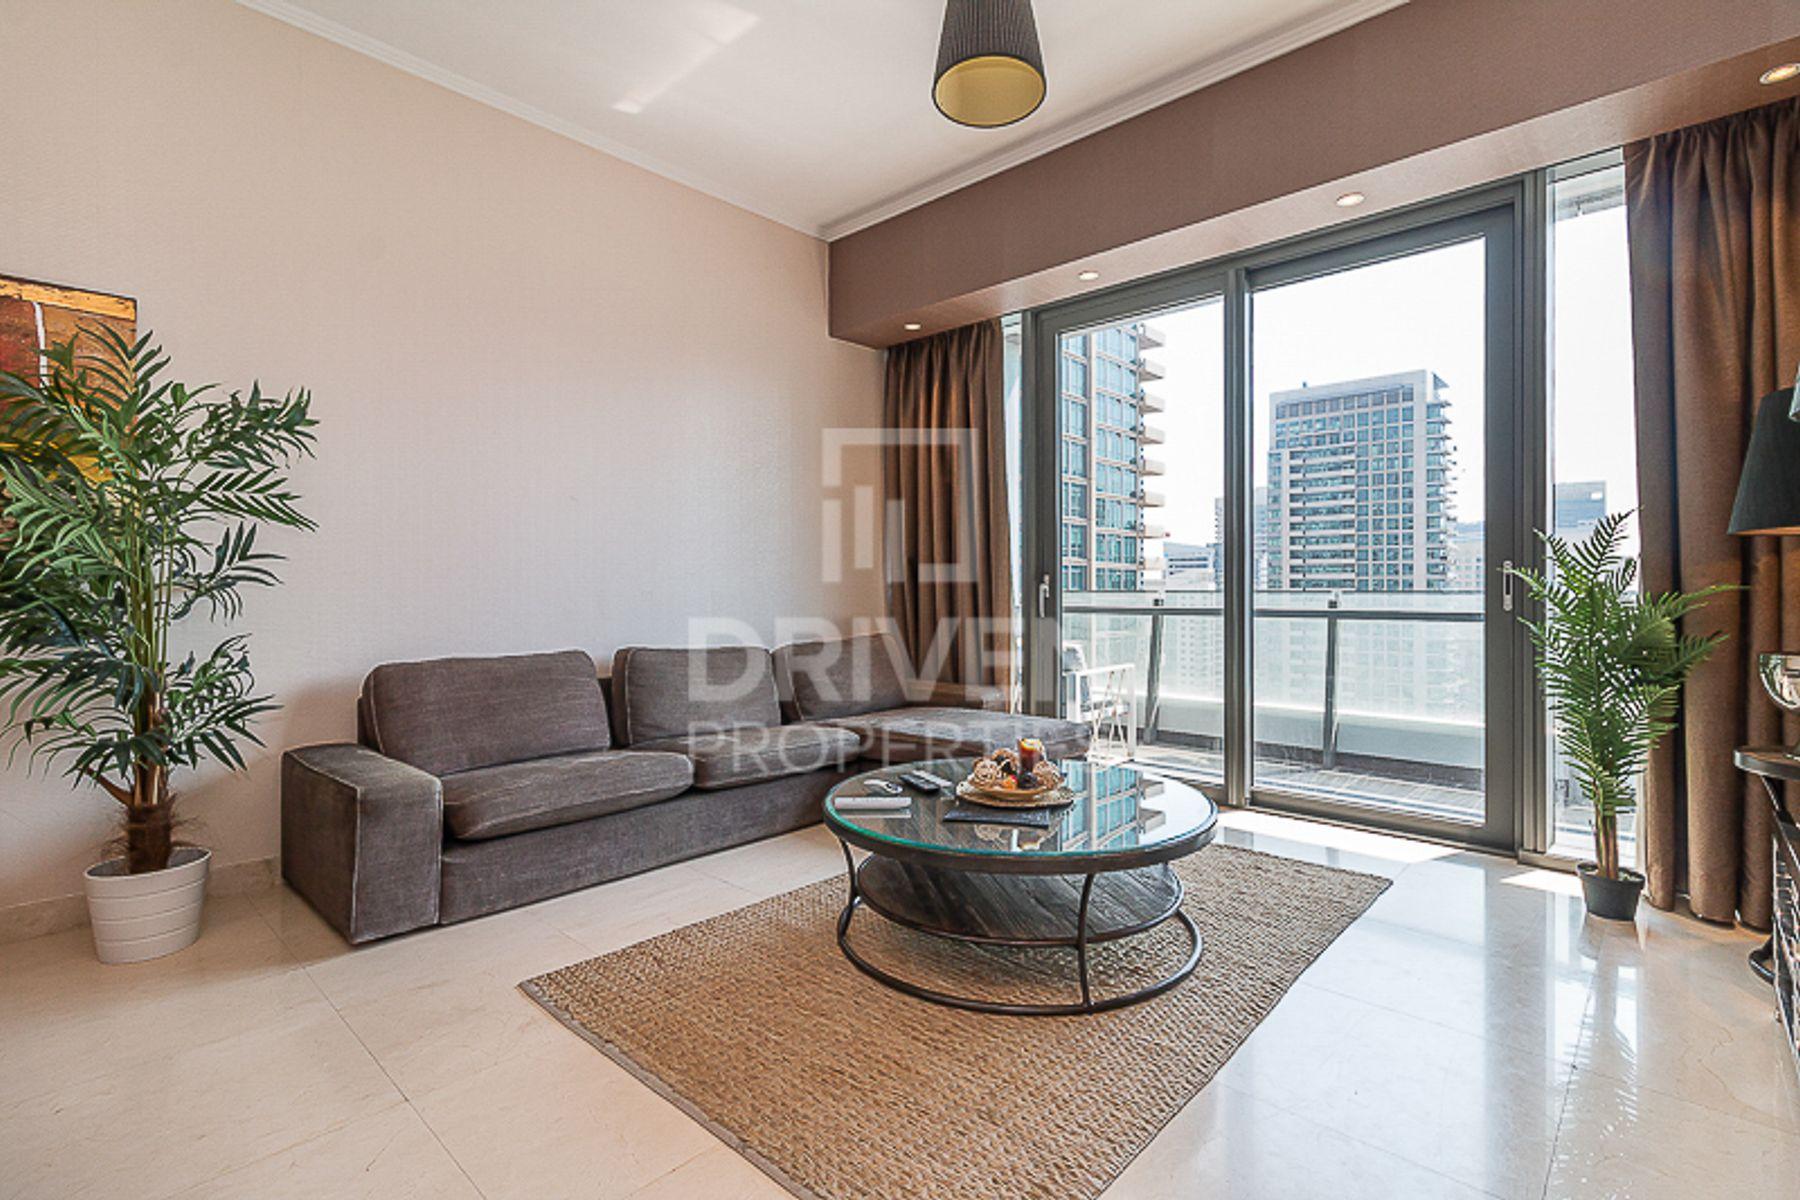 للايجار - شقة - A برج سيلفرين - دبي مارينا